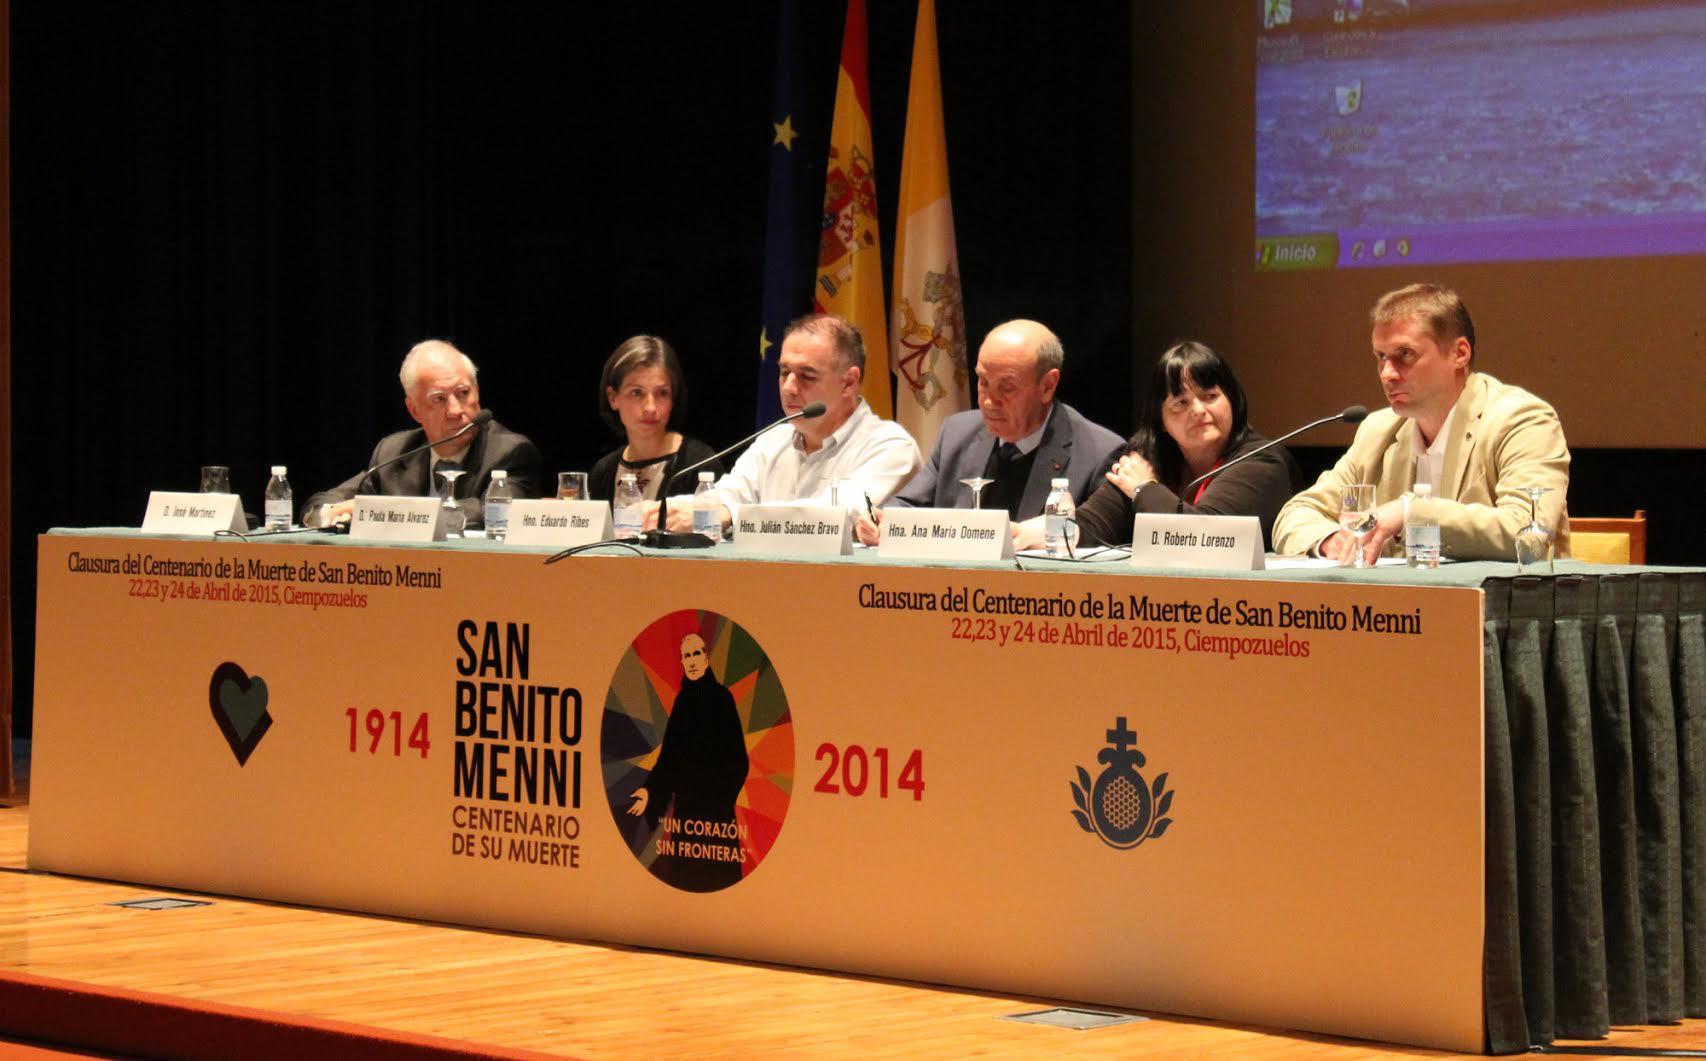 Actos de clausura del Centenario de la muerte de San Benito Menni